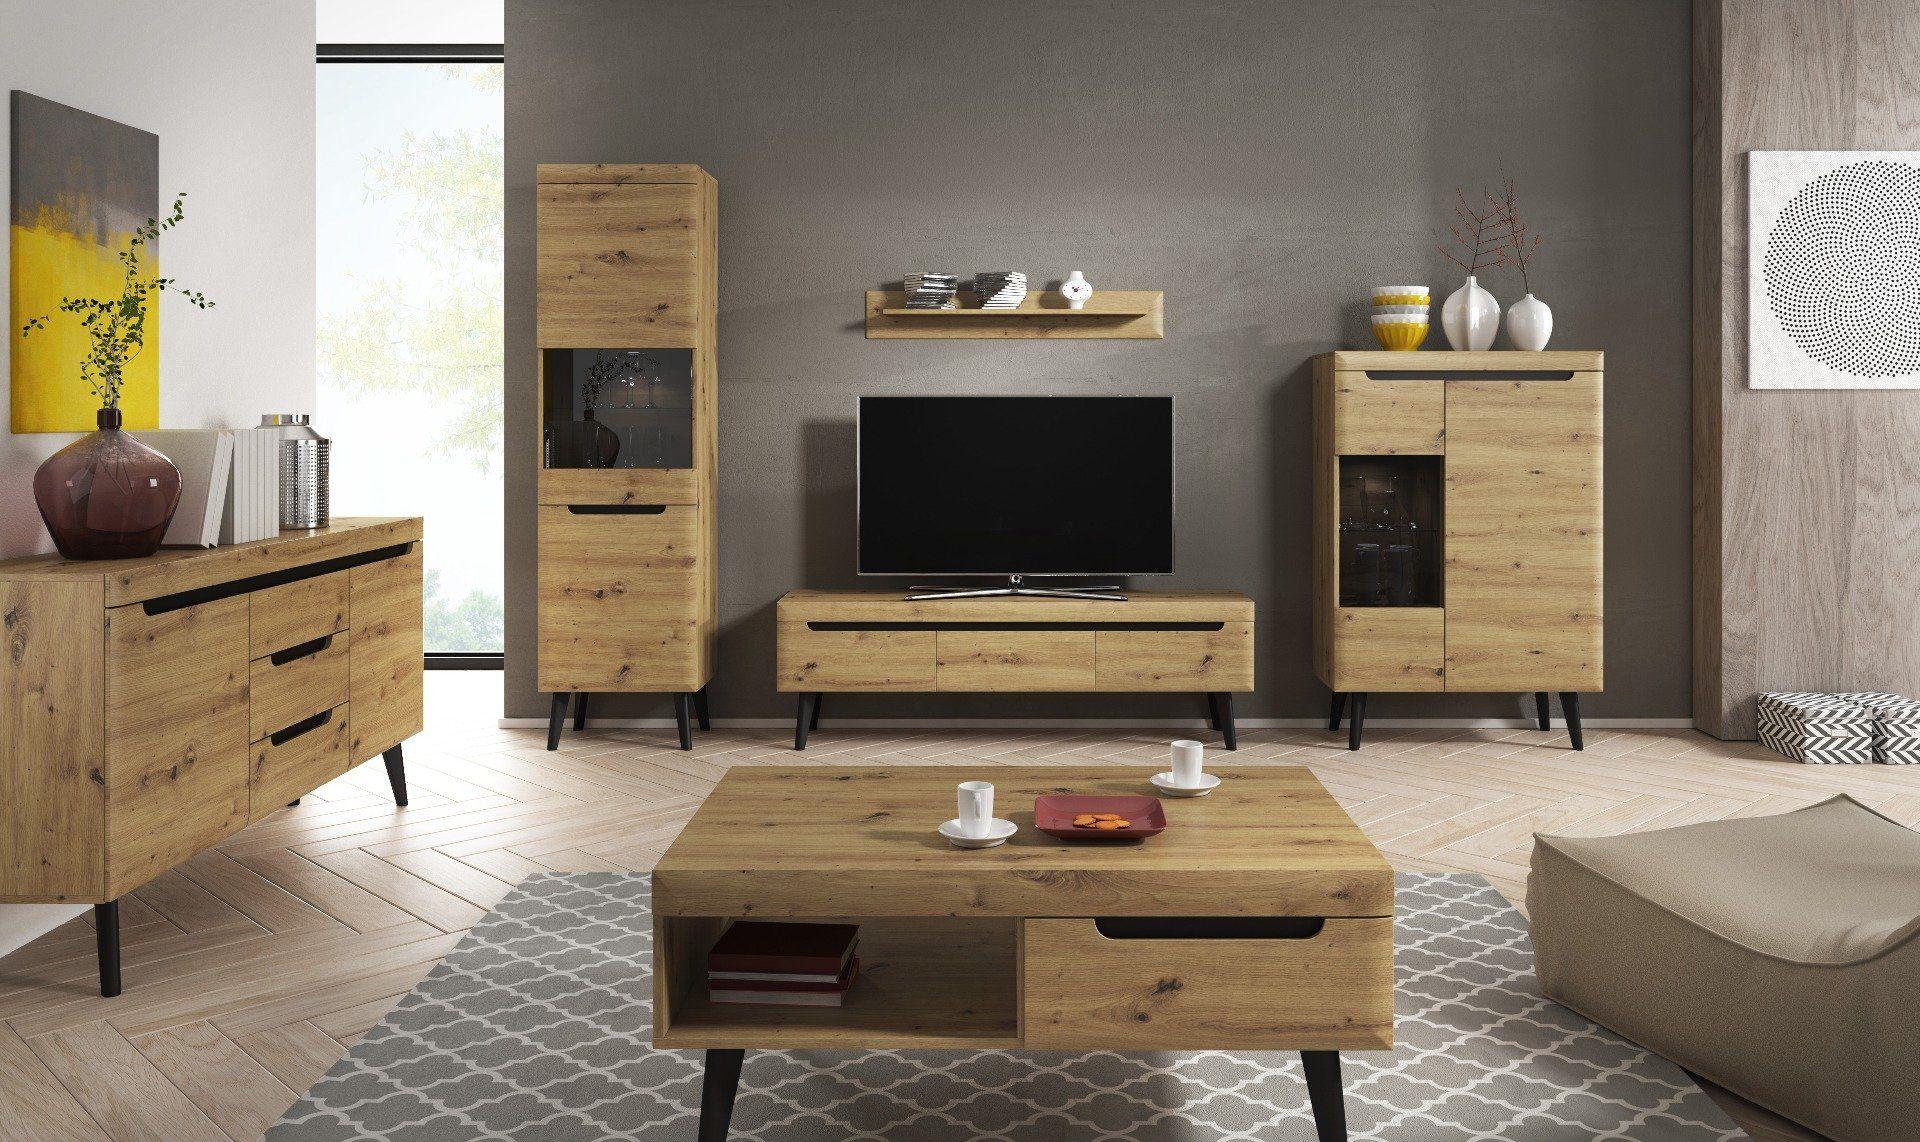 Szafka RTV EBBI 107 dąb artisan drewniana do salonu  KUP TERAZ - OTRZYMAJ RABAT